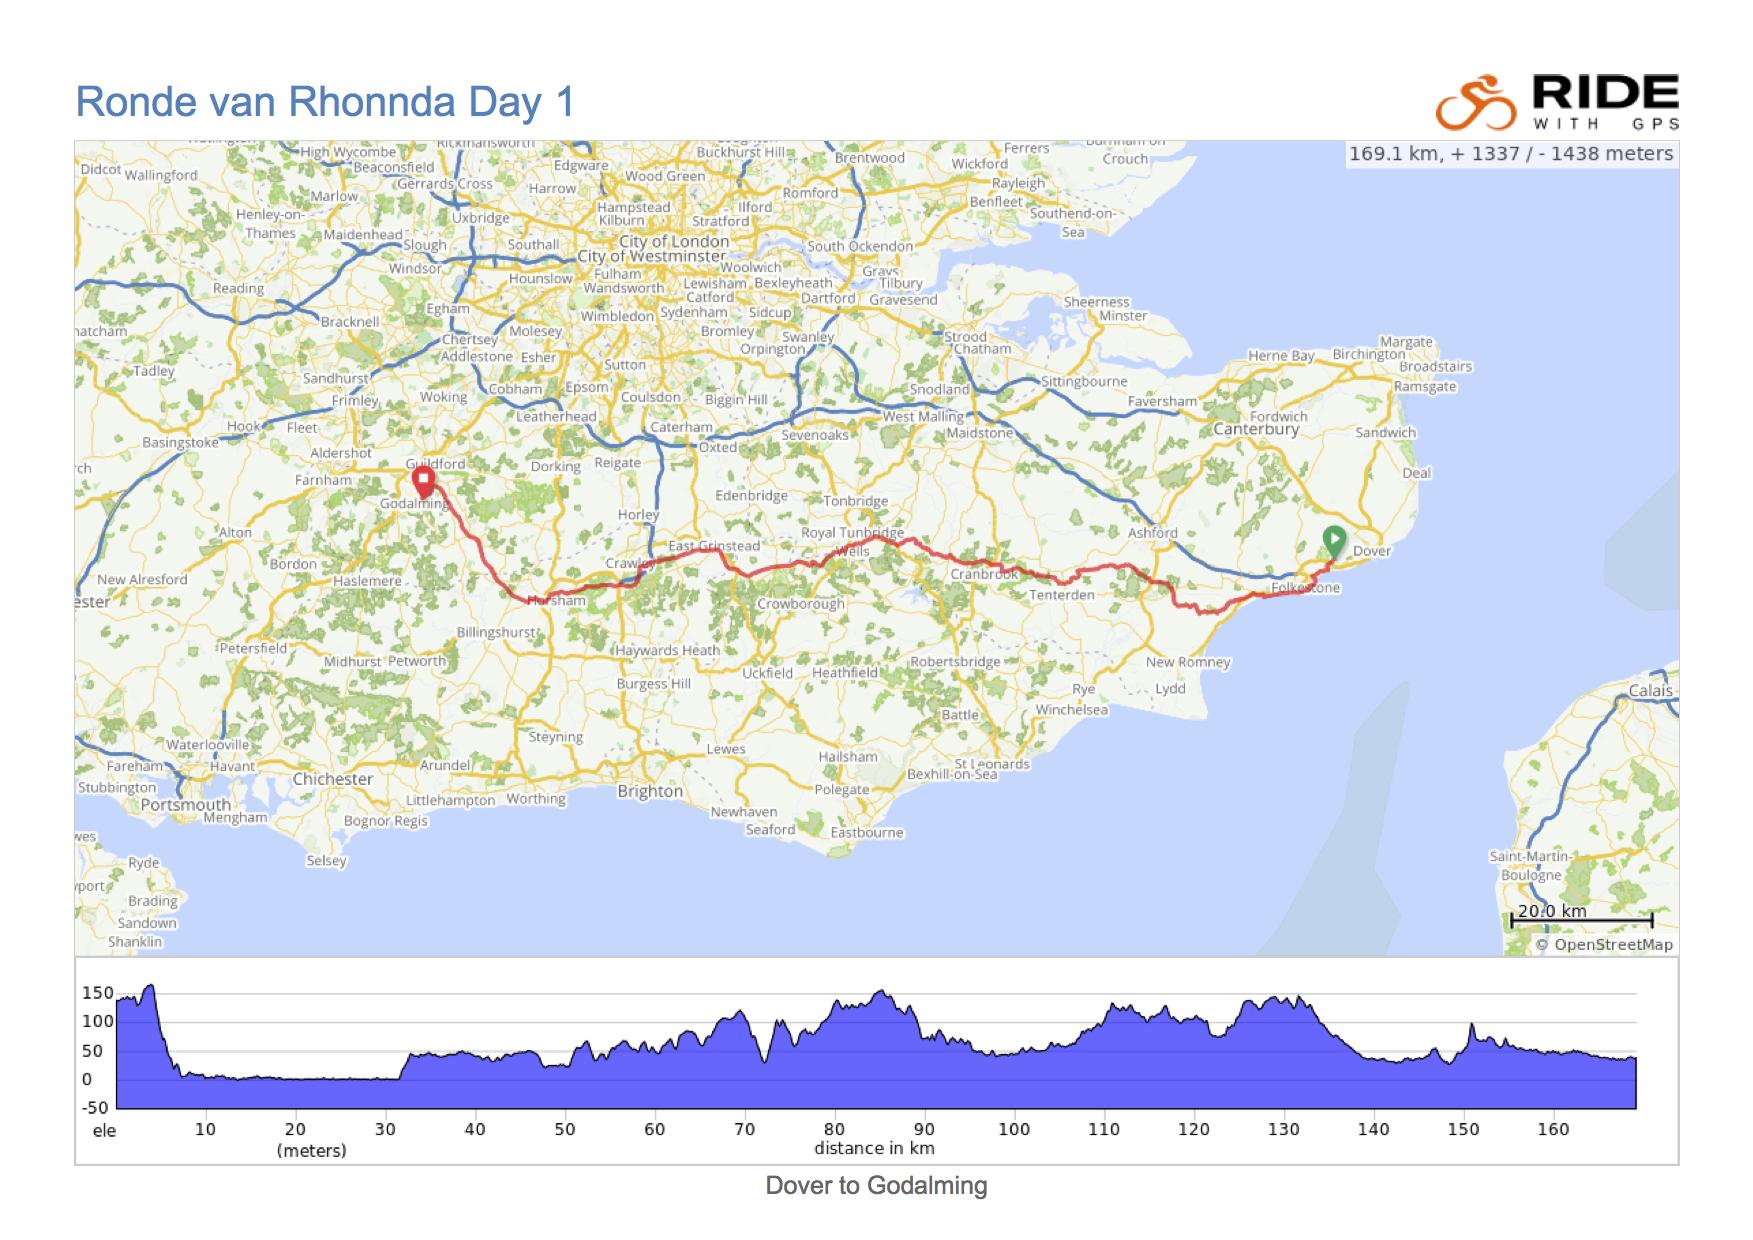 Ronde_van_Rhonnda_Day_1_